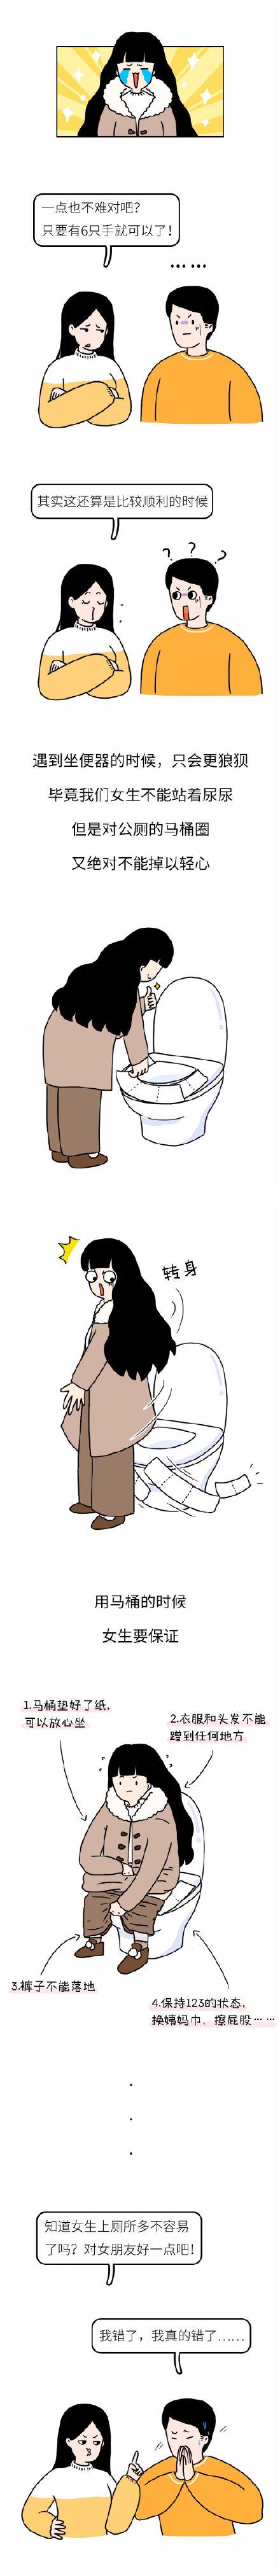 女生上蹲厕_女生上厕所为什么那么慢,来看看吧 - 四海吧